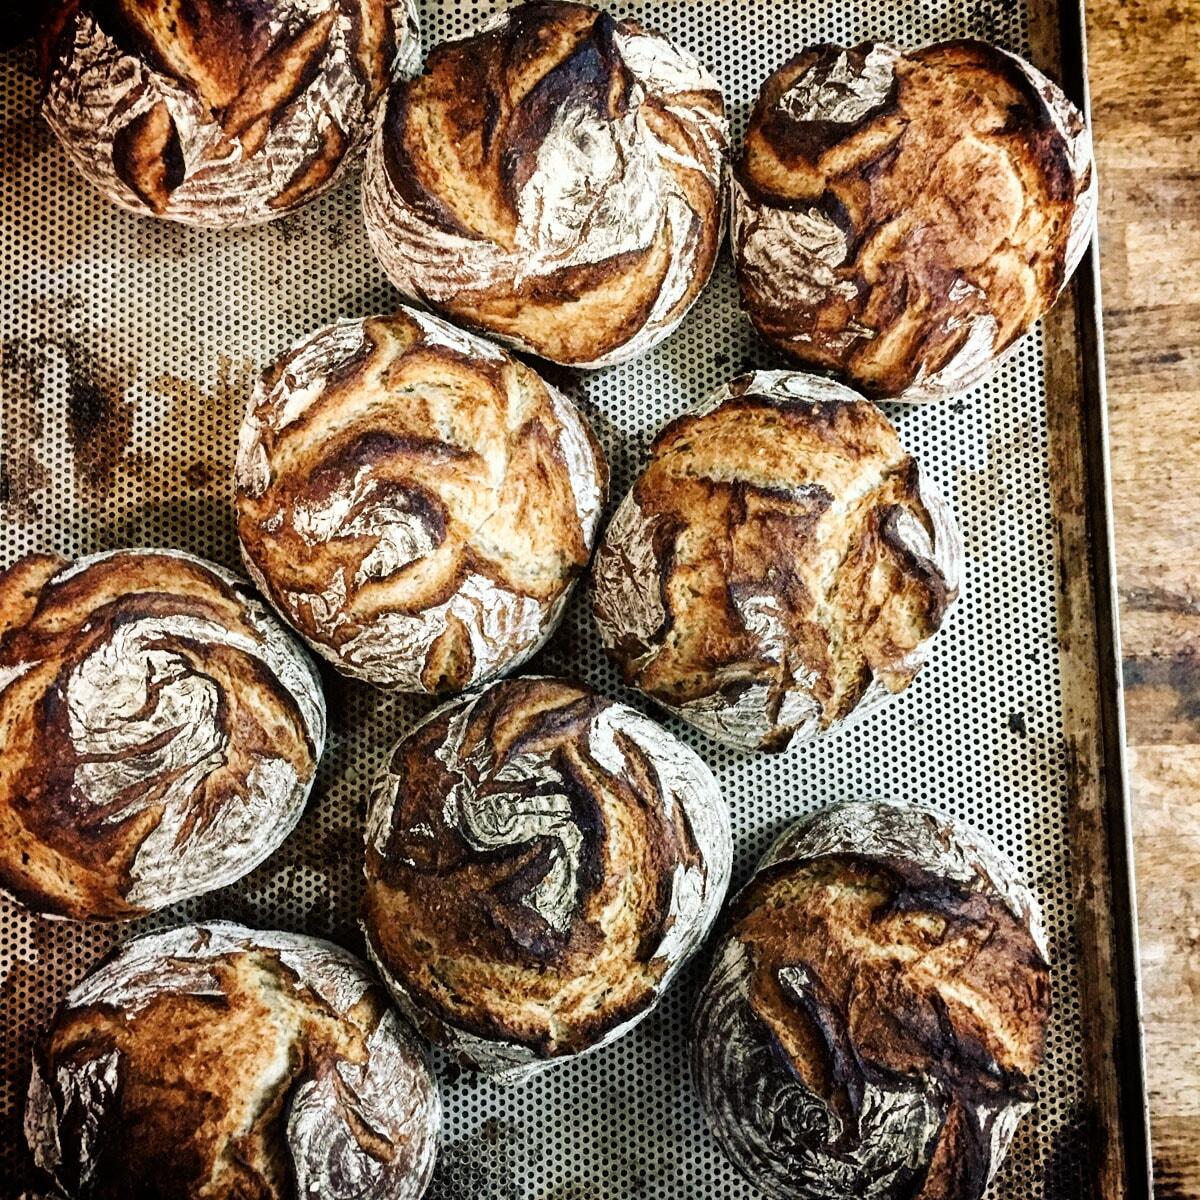 Steinofen Brot der Bäckerei Lund